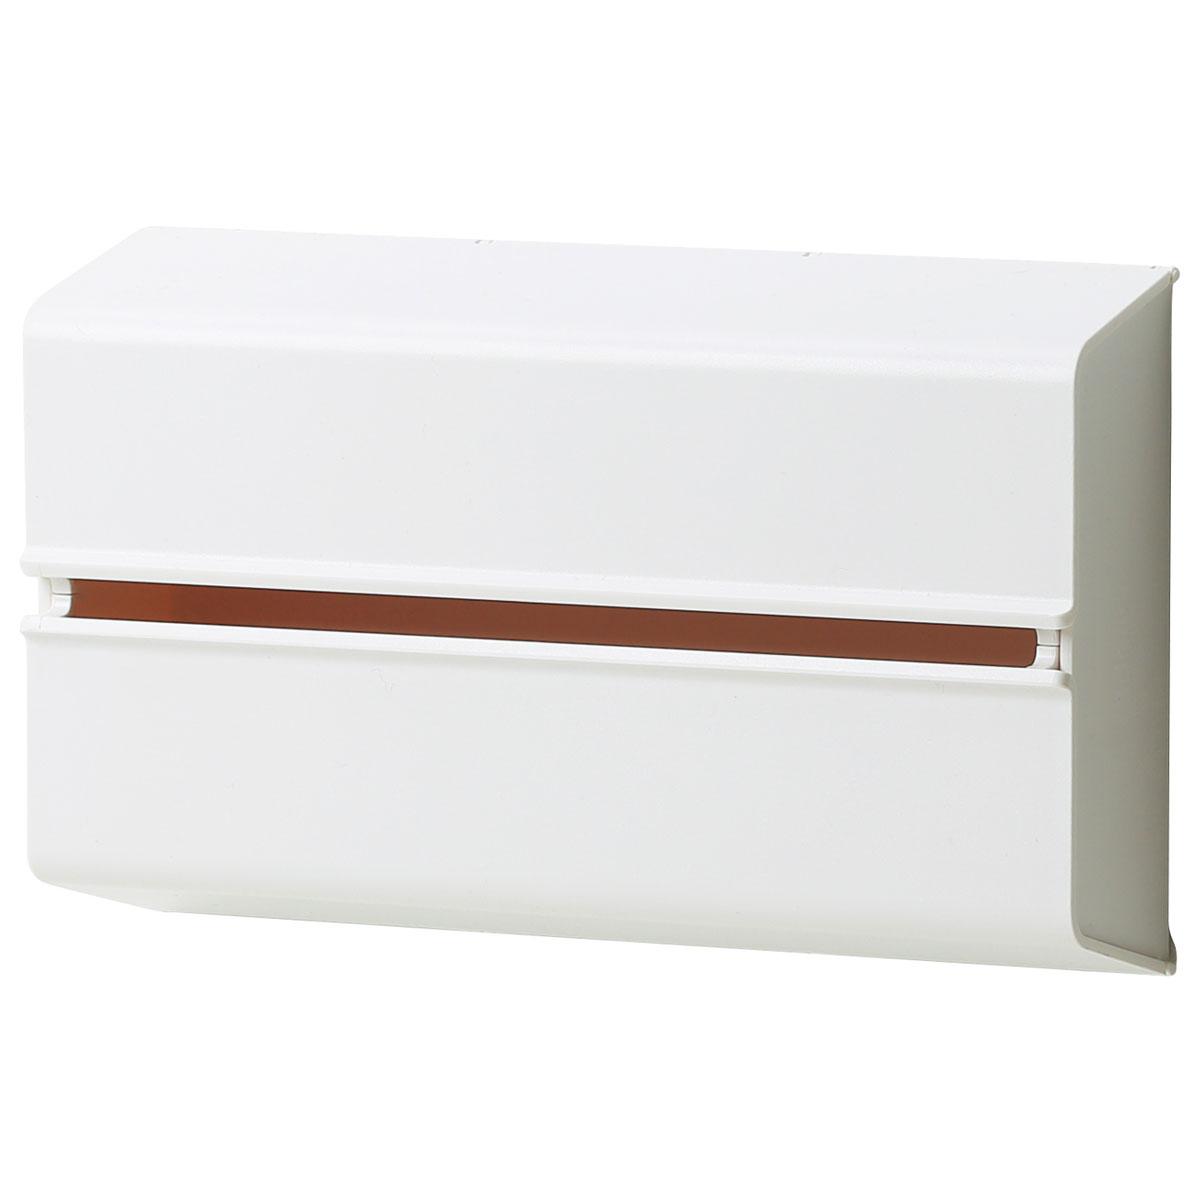 ideaco (イデアコ) キッチンペーパーホルダー ホワイト 幅25.5x高さ15.6 6.5 対応サイズ:幅23x高さ12x奥行4.5cm WALL PT(ウォール ピーティ)の写真